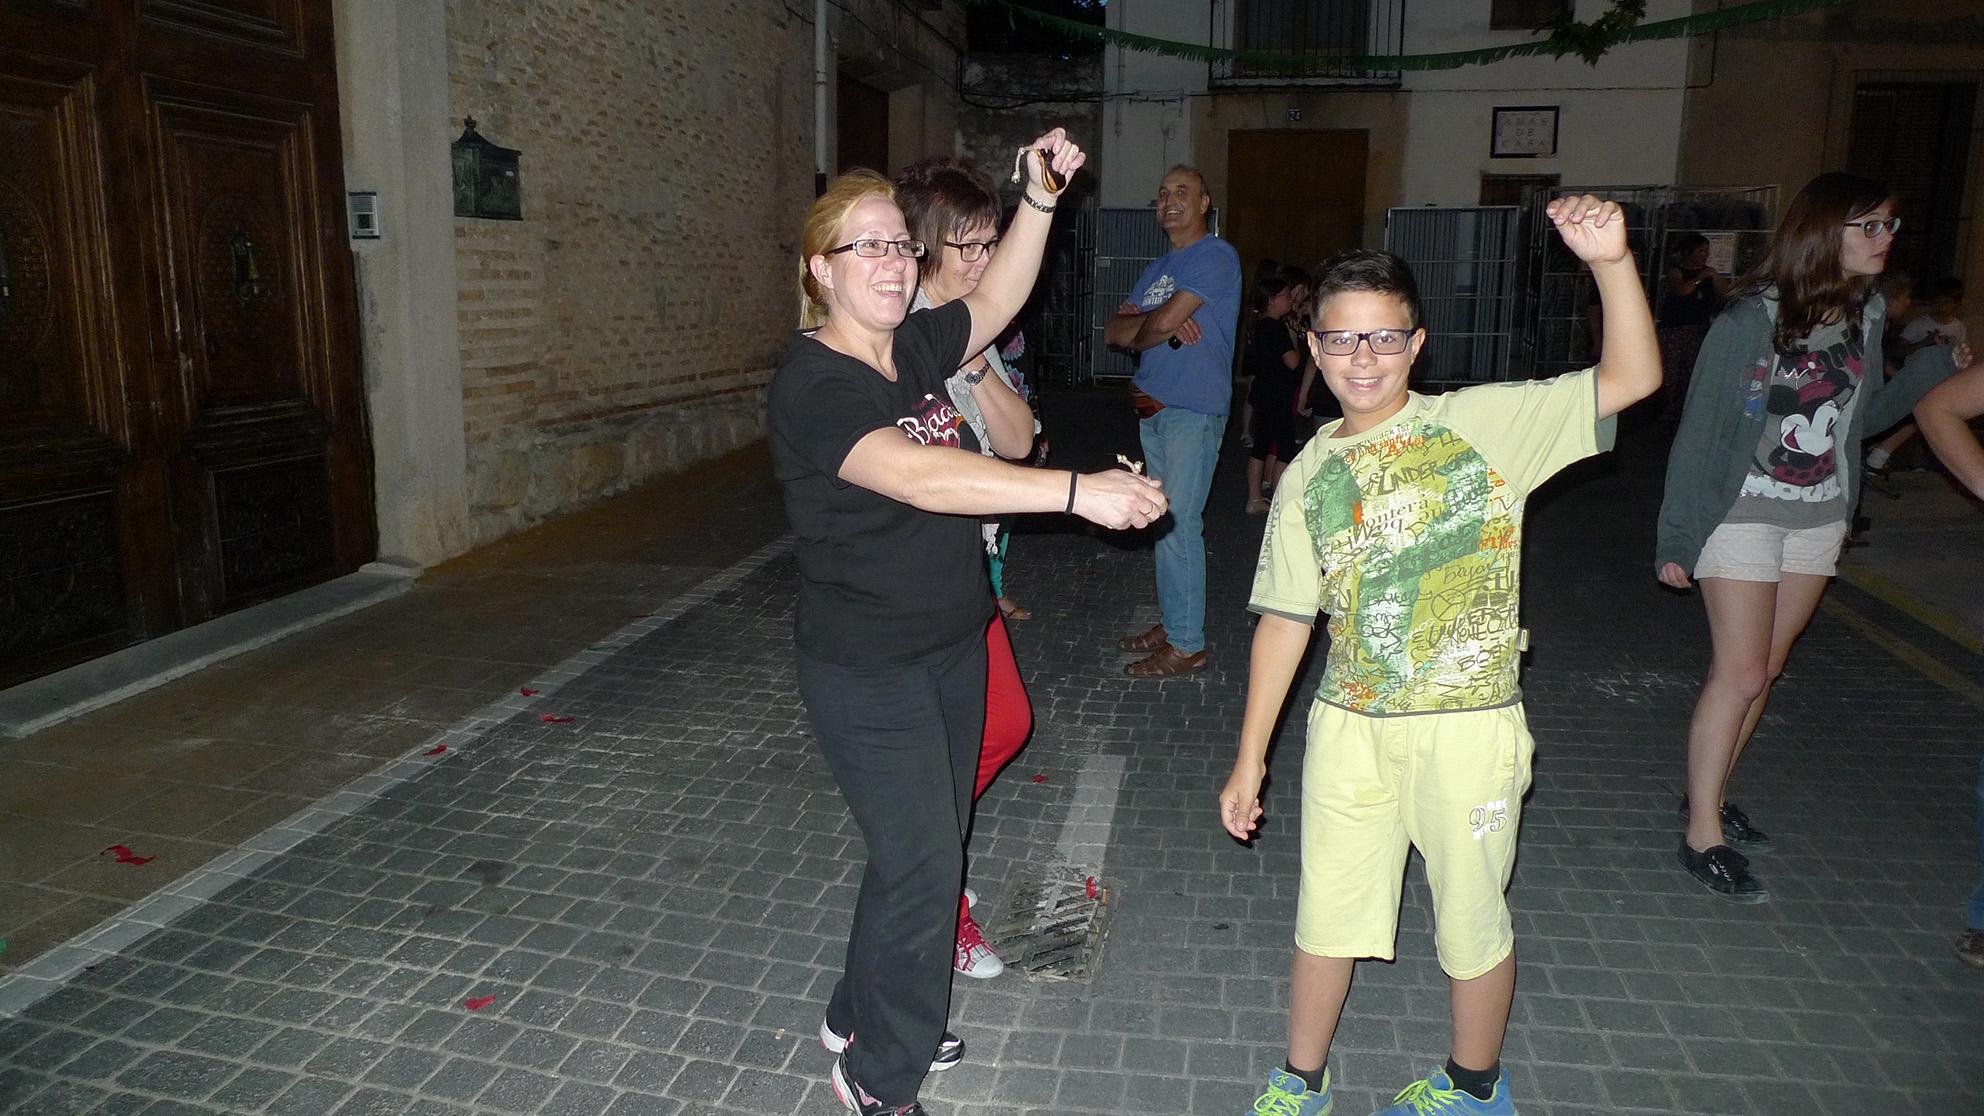 2015-06-06 Danses Palacio-Danset-Albaes-dia5 (15)